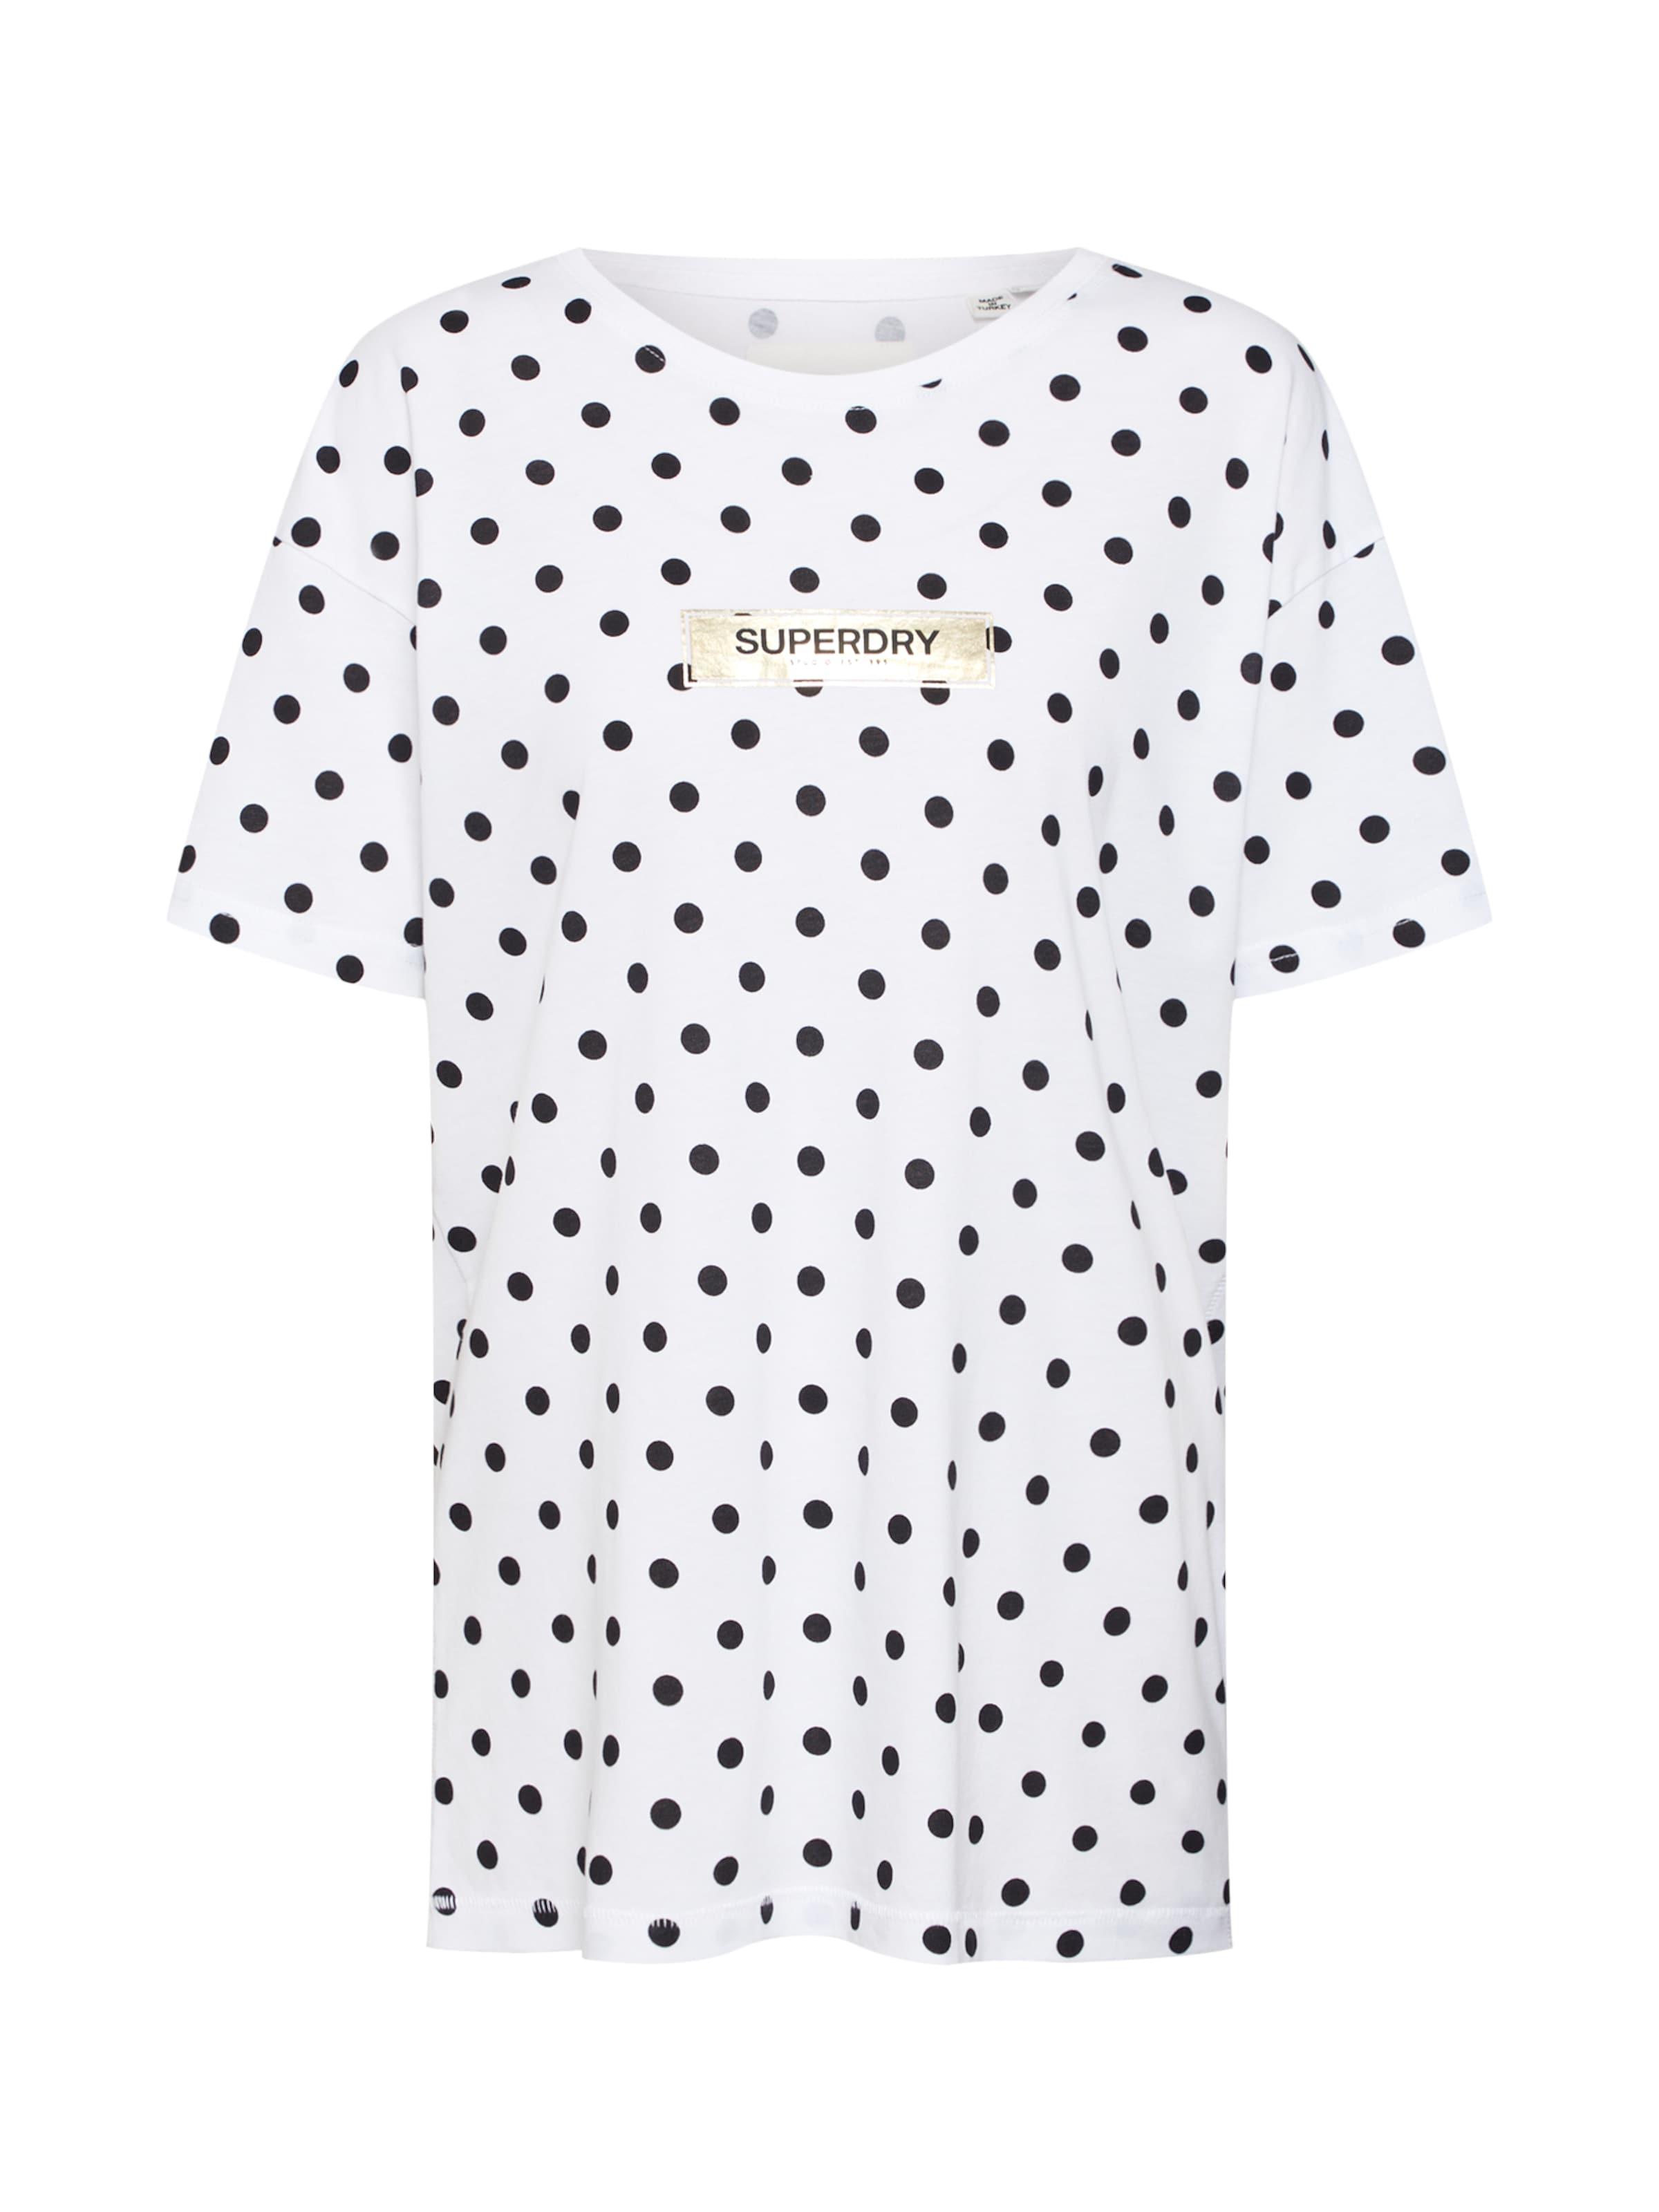 Superdry T Superdry Blanc T shirt Blanc shirt En Superdry En T H9WED2I